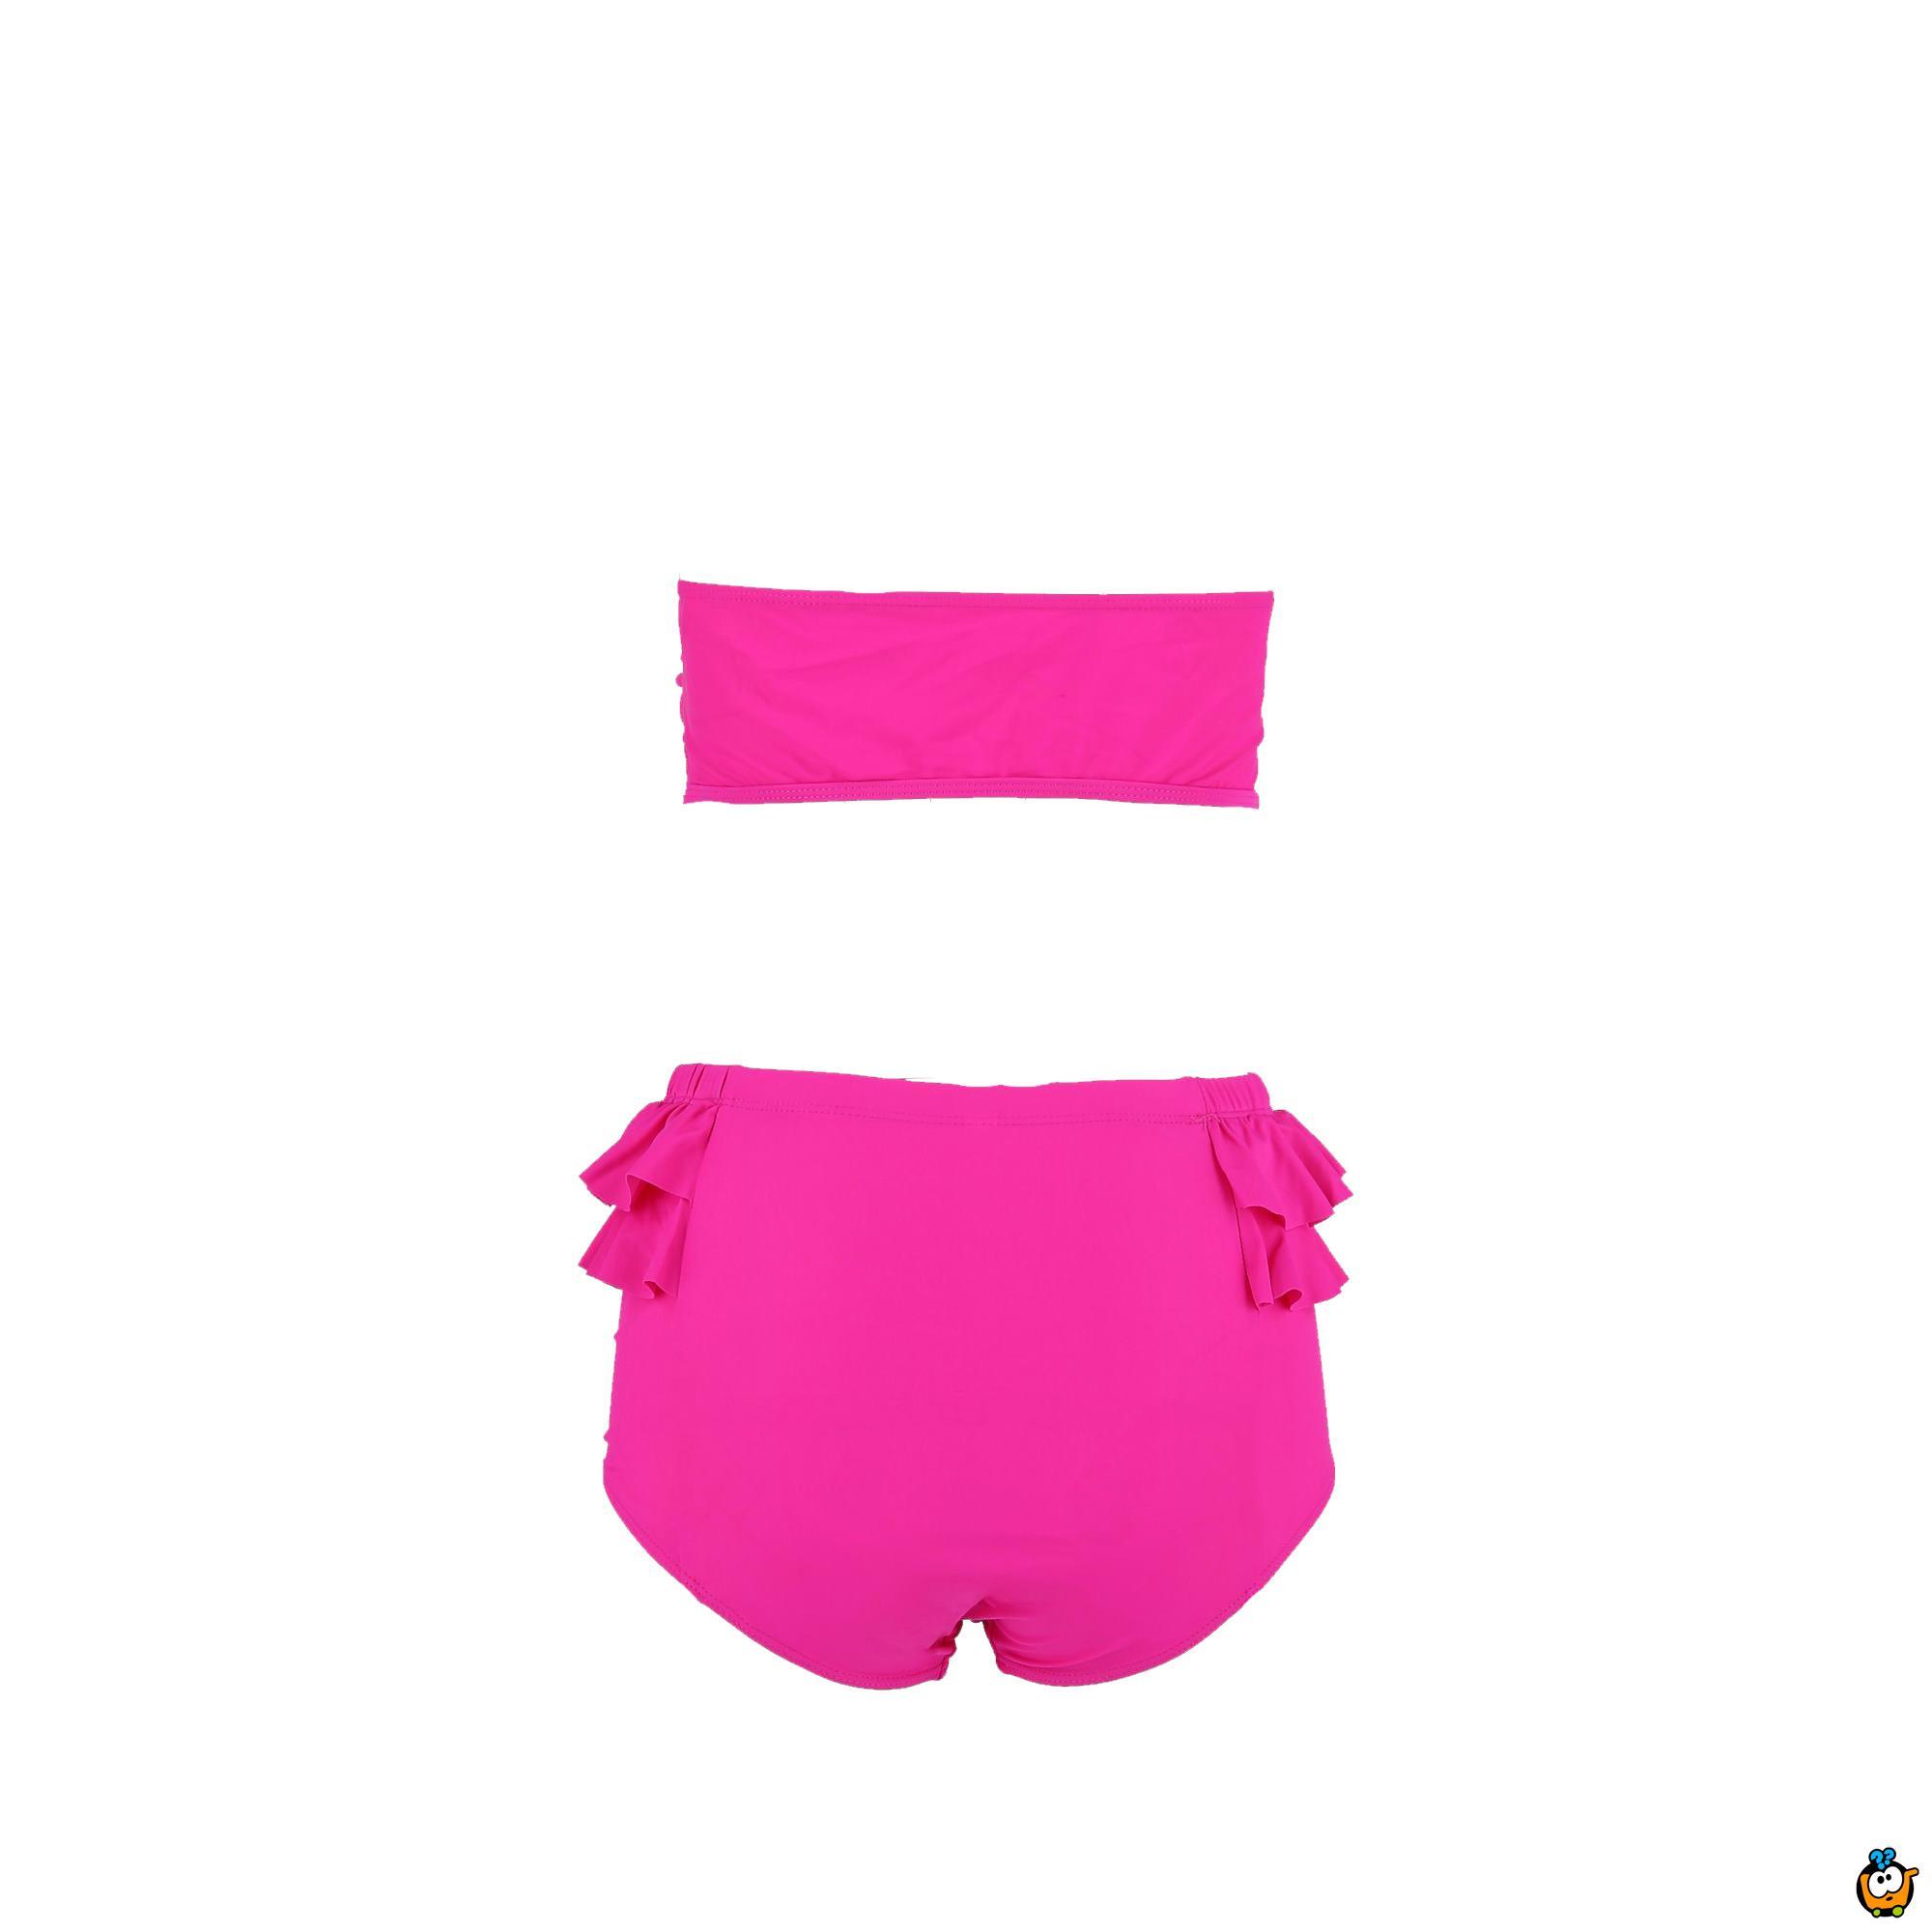 Dvodelni ženski kupaći kostim - PLUS SIZE -  TUFFY PINK